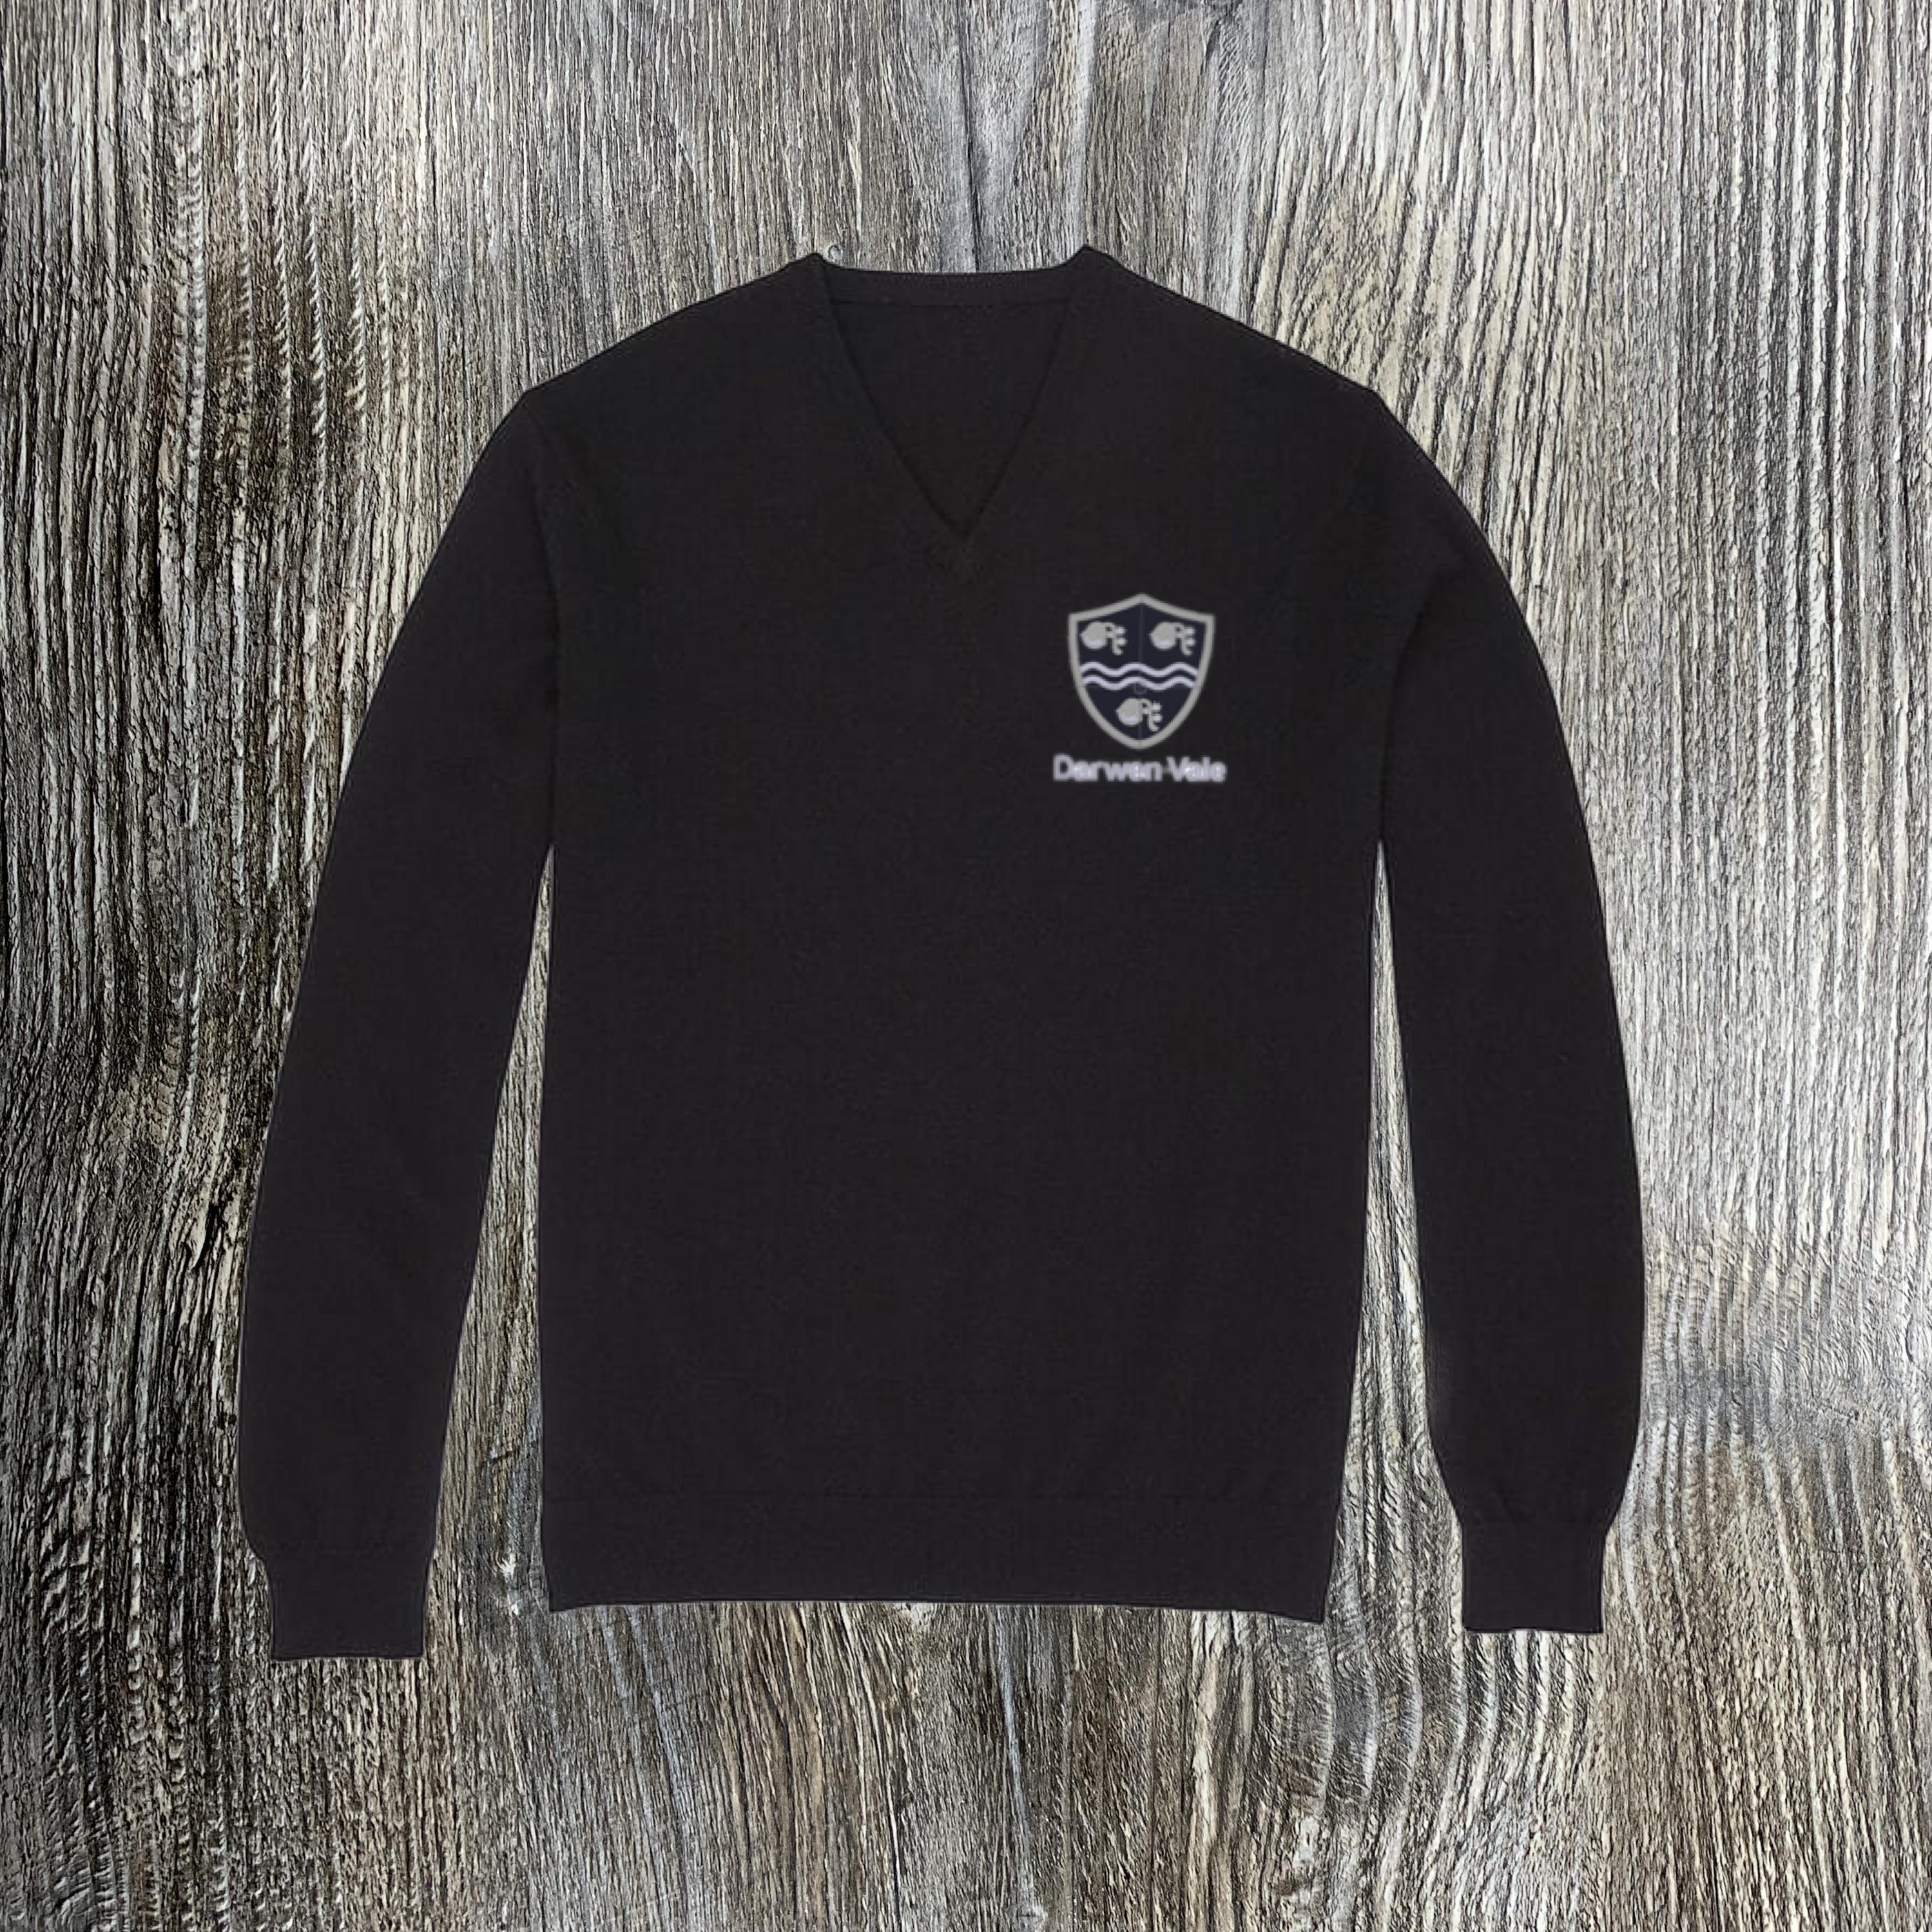 Darwen Vale Year 11 V-neck Sweatshirt